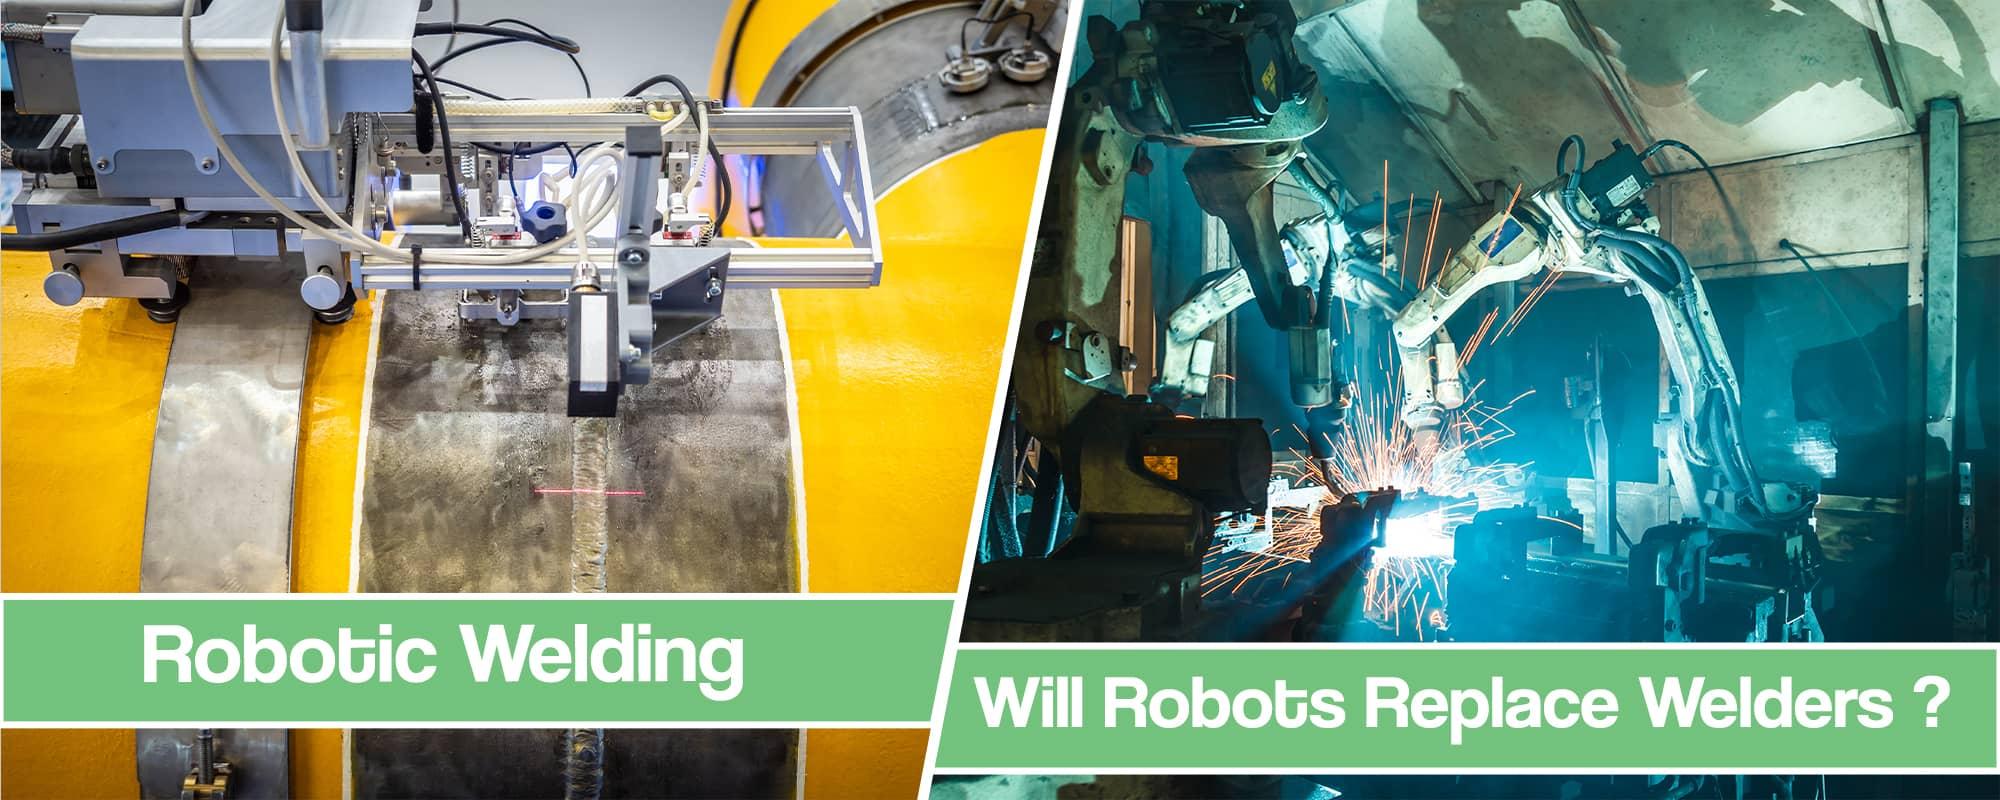 Robot Welding feature image